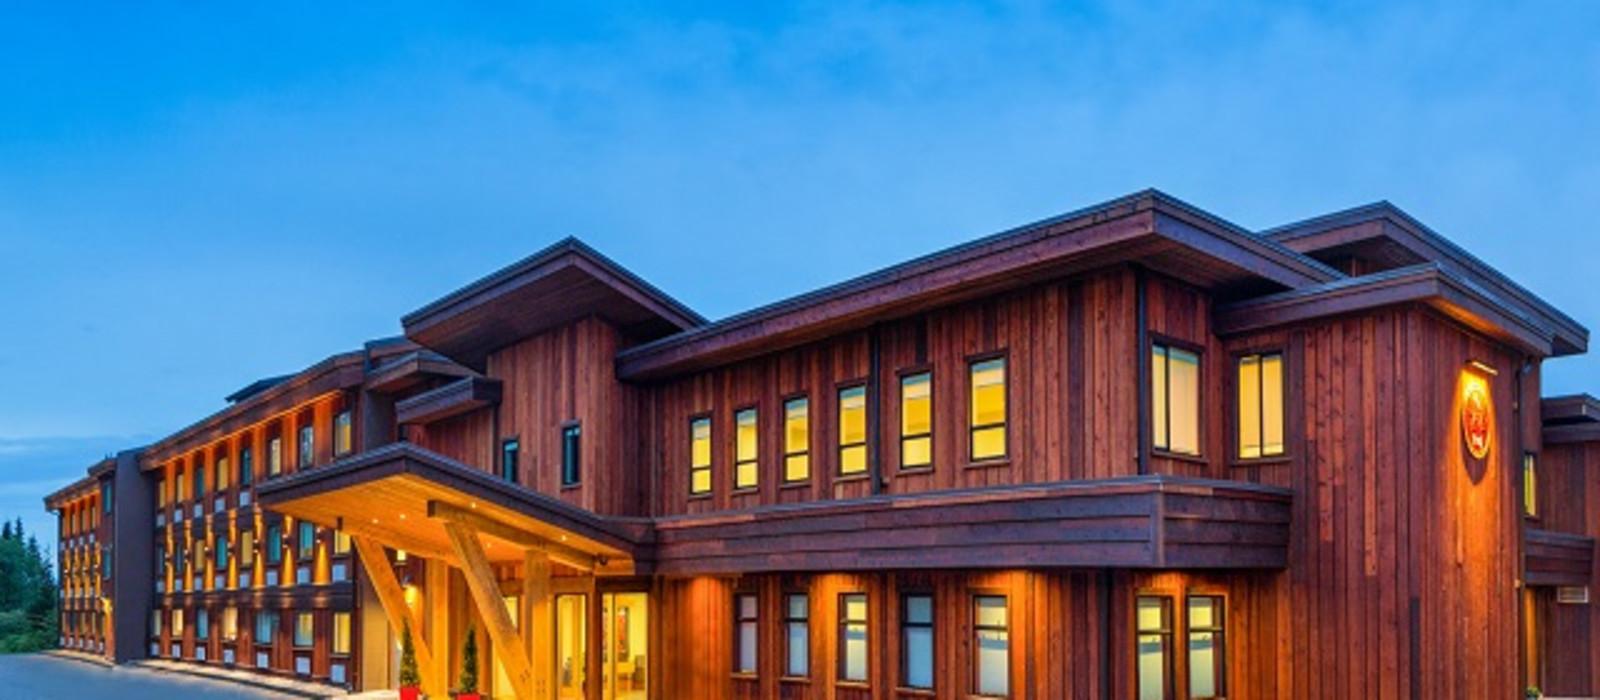 Hotel Kwa'Ilias  Kanada